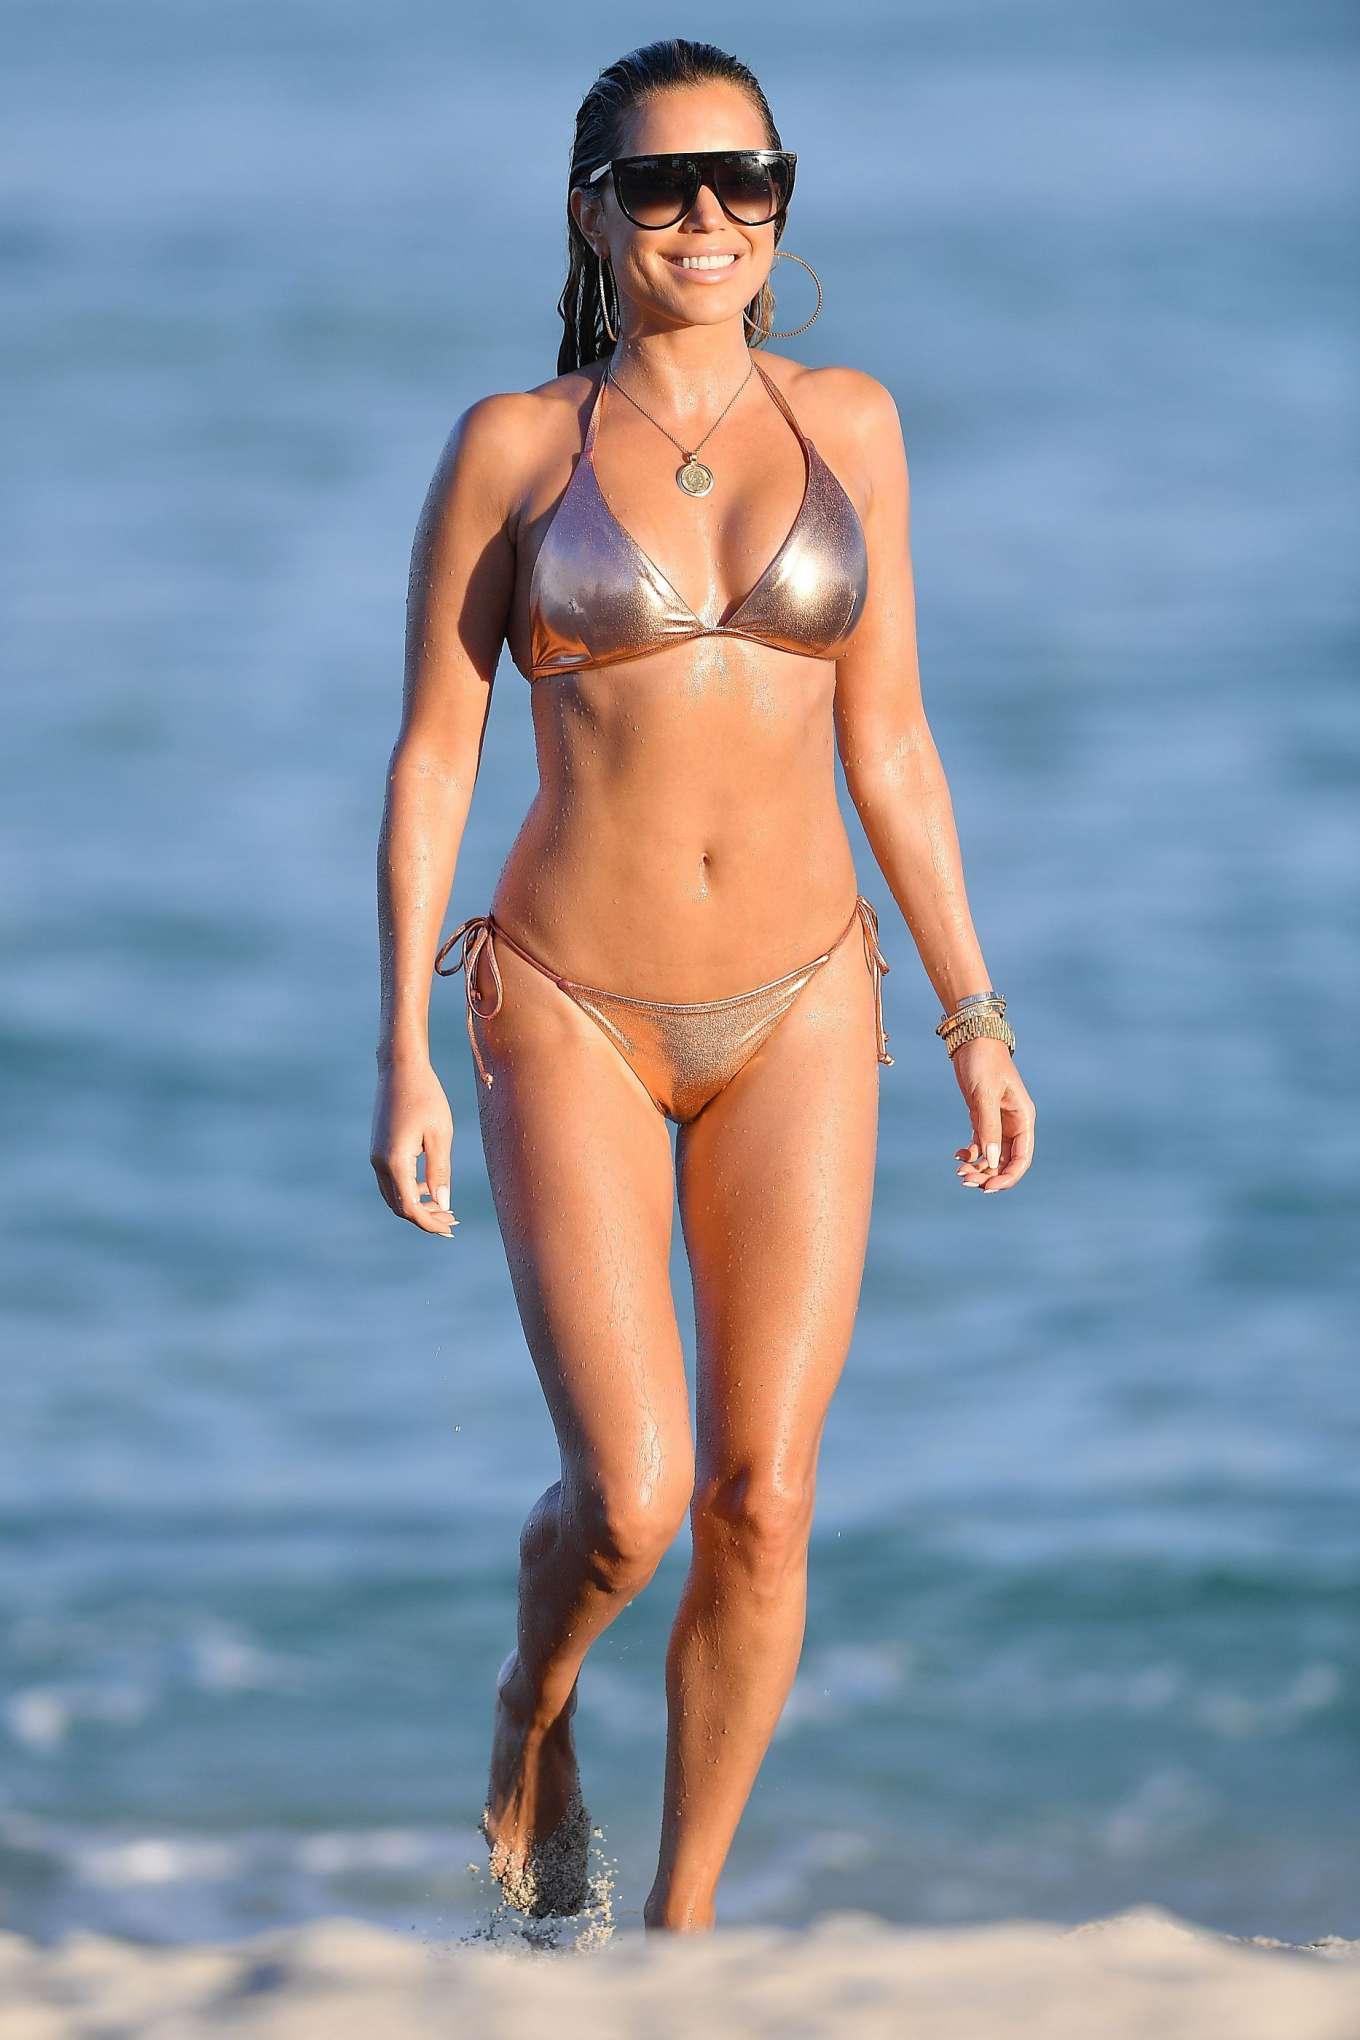 Sylvie Meis 2019 : Sylvie Meis – Wearing Bikinis at the beach in Miami Beach-02